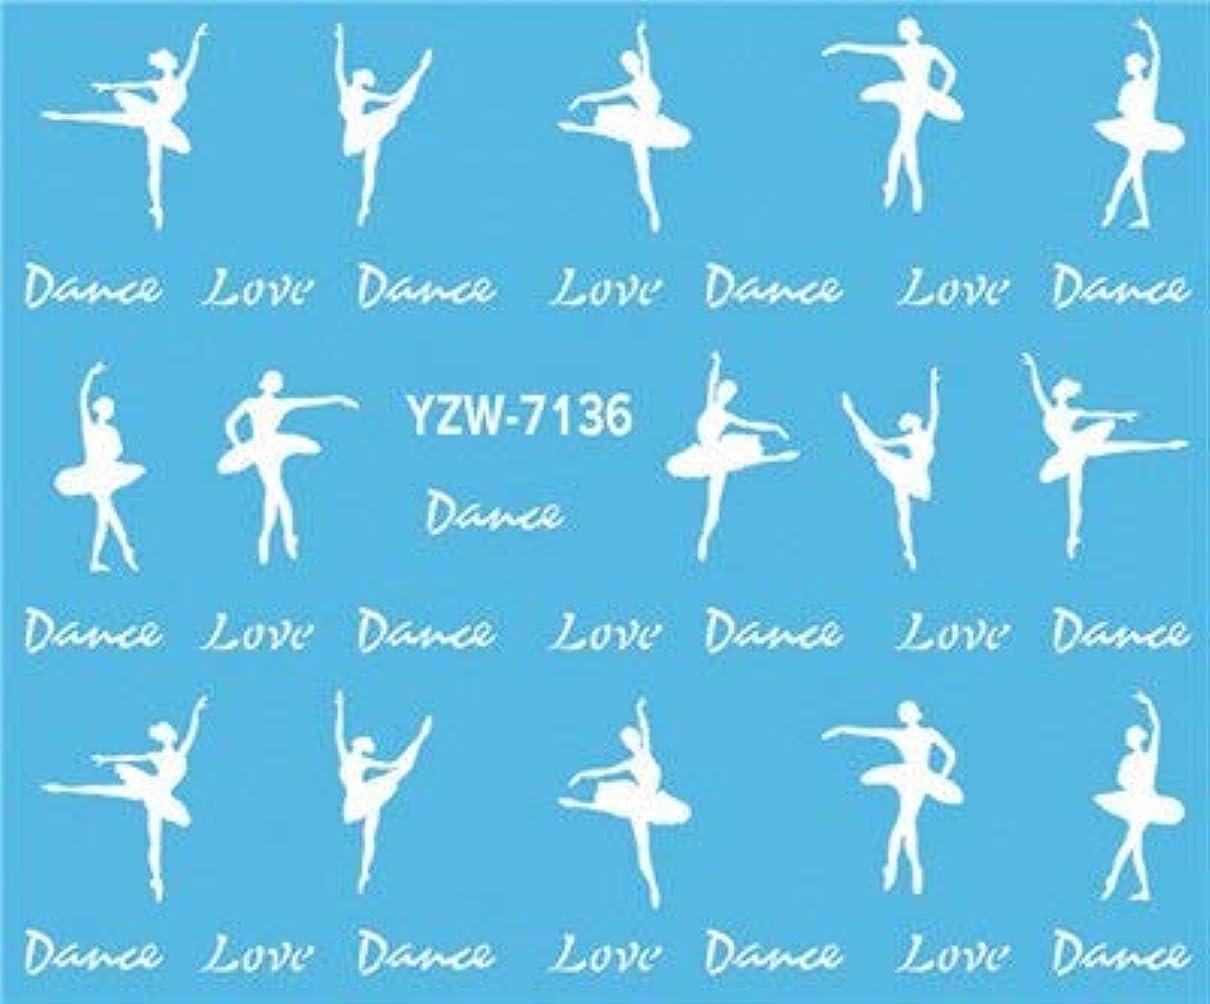 政令ハッチ美徳SUKTI&XIAO ネイルステッカー 美しいダンスガールネイルアートチャームDiy透かしデカールネイルアートステッカーの装飾